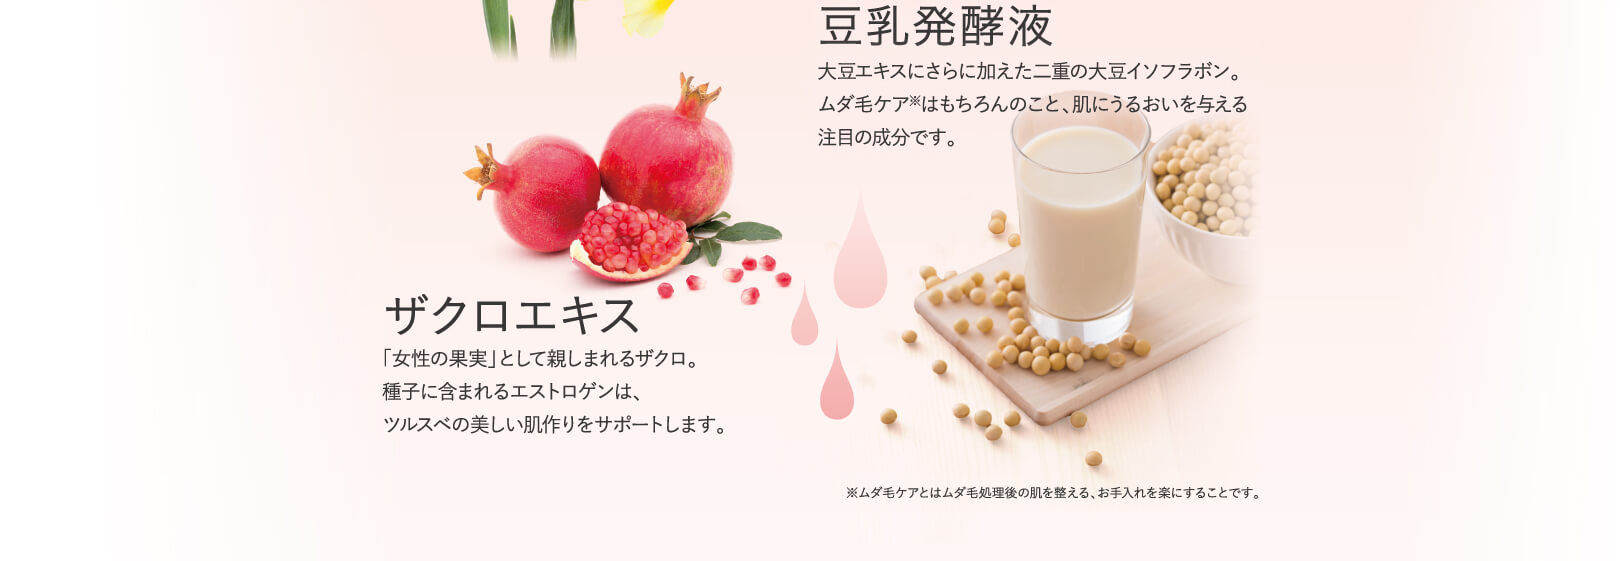 豆乳発酵液 ザクロエキス